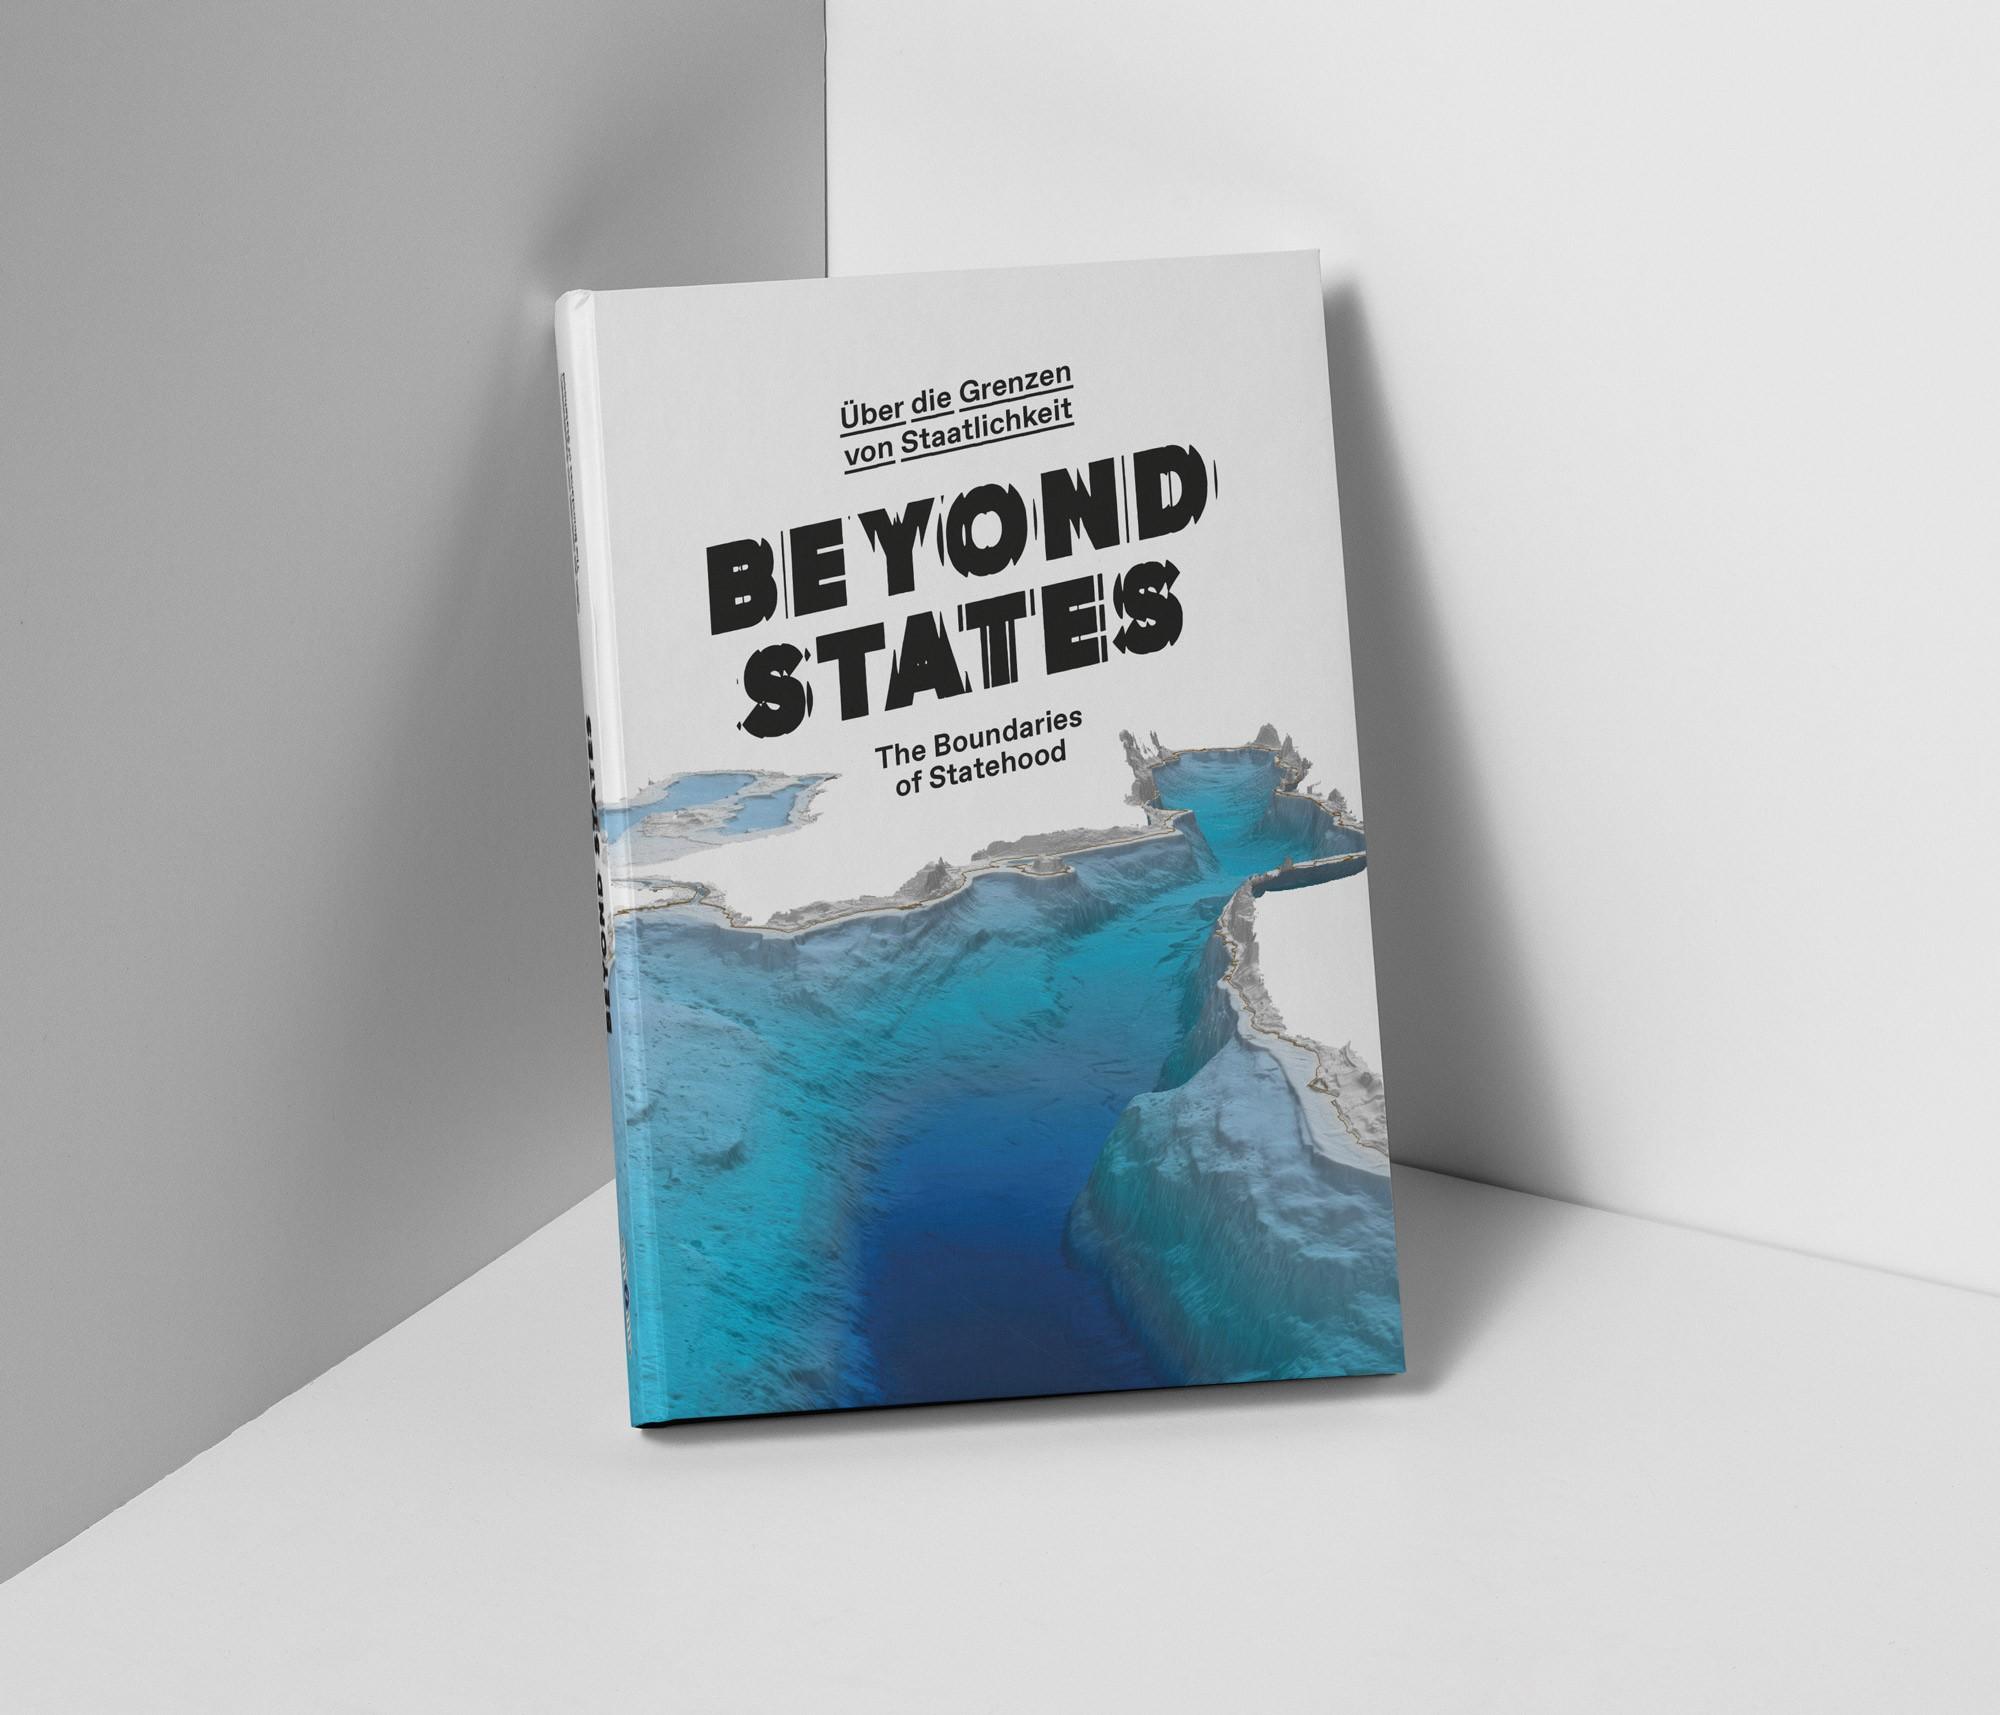 Katalog Beyond States. Über die Grenzen von Staatlichkeit